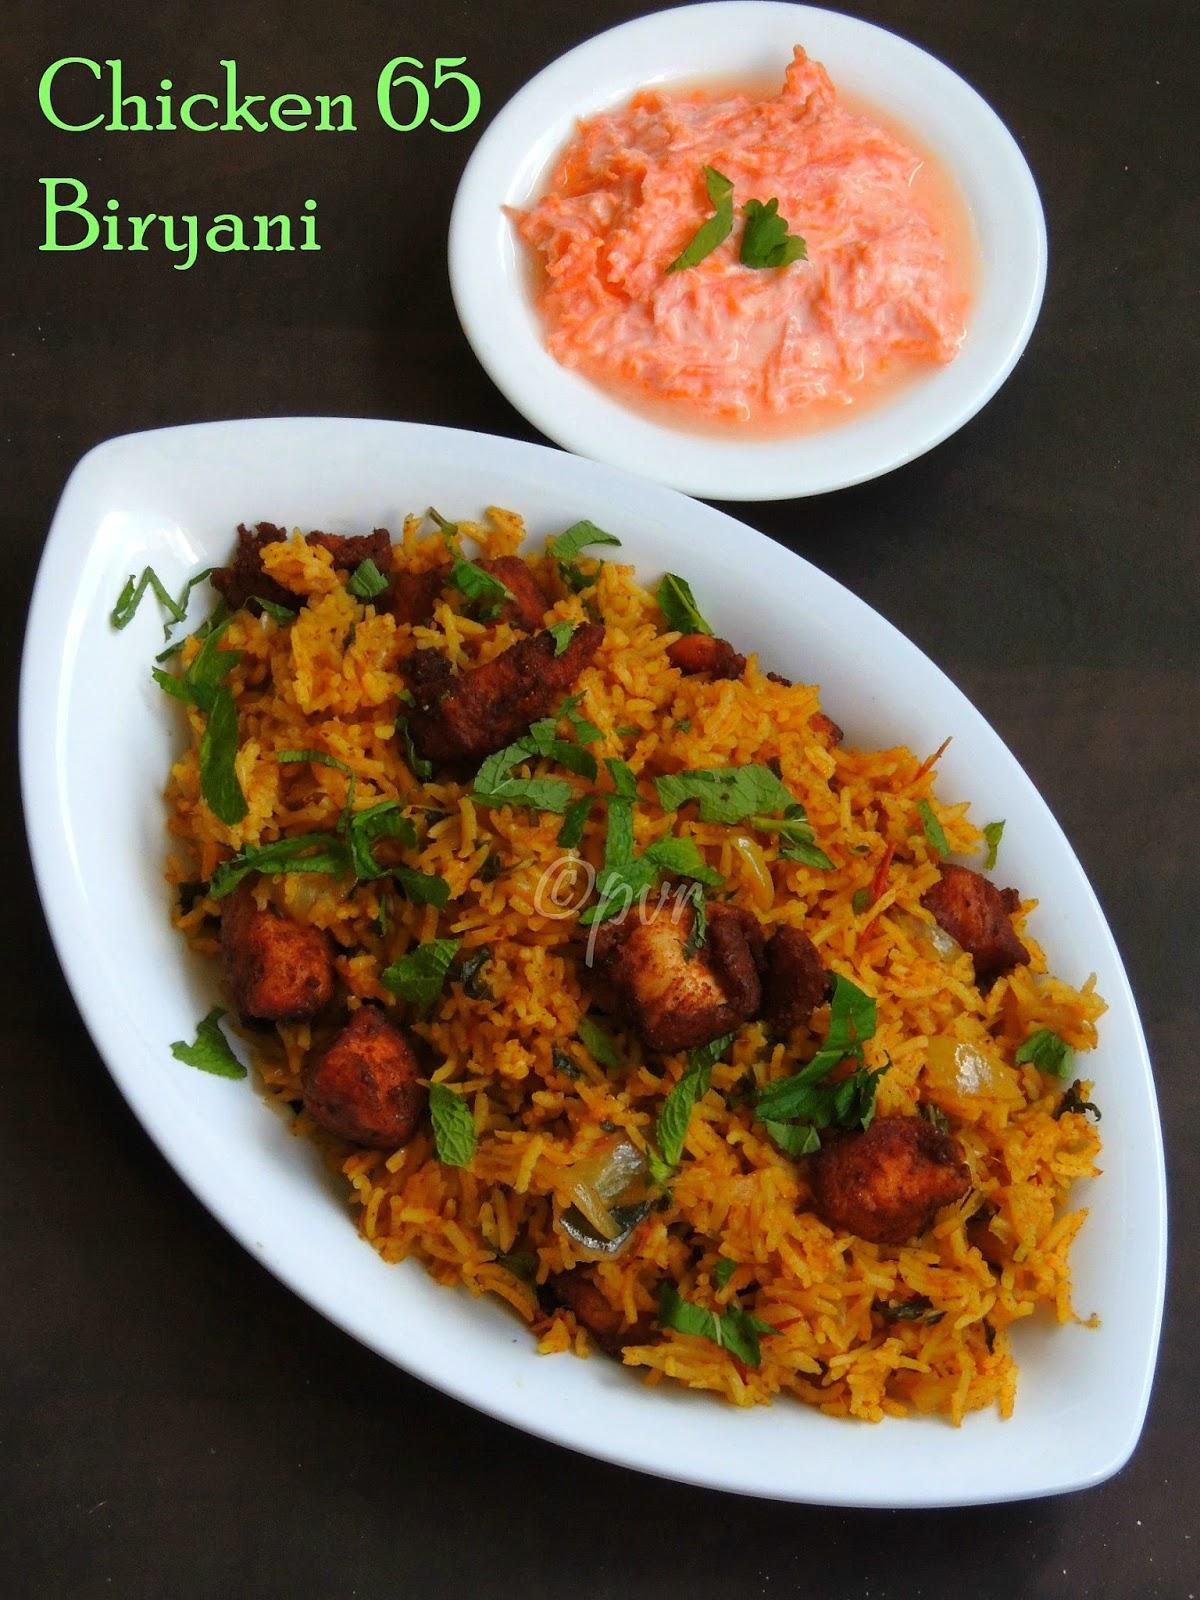 Priyas versatile recipes chicken 65 biriyanichicken 65 biryani chicken 65 biryani chicken 65 biriyani forumfinder Choice Image